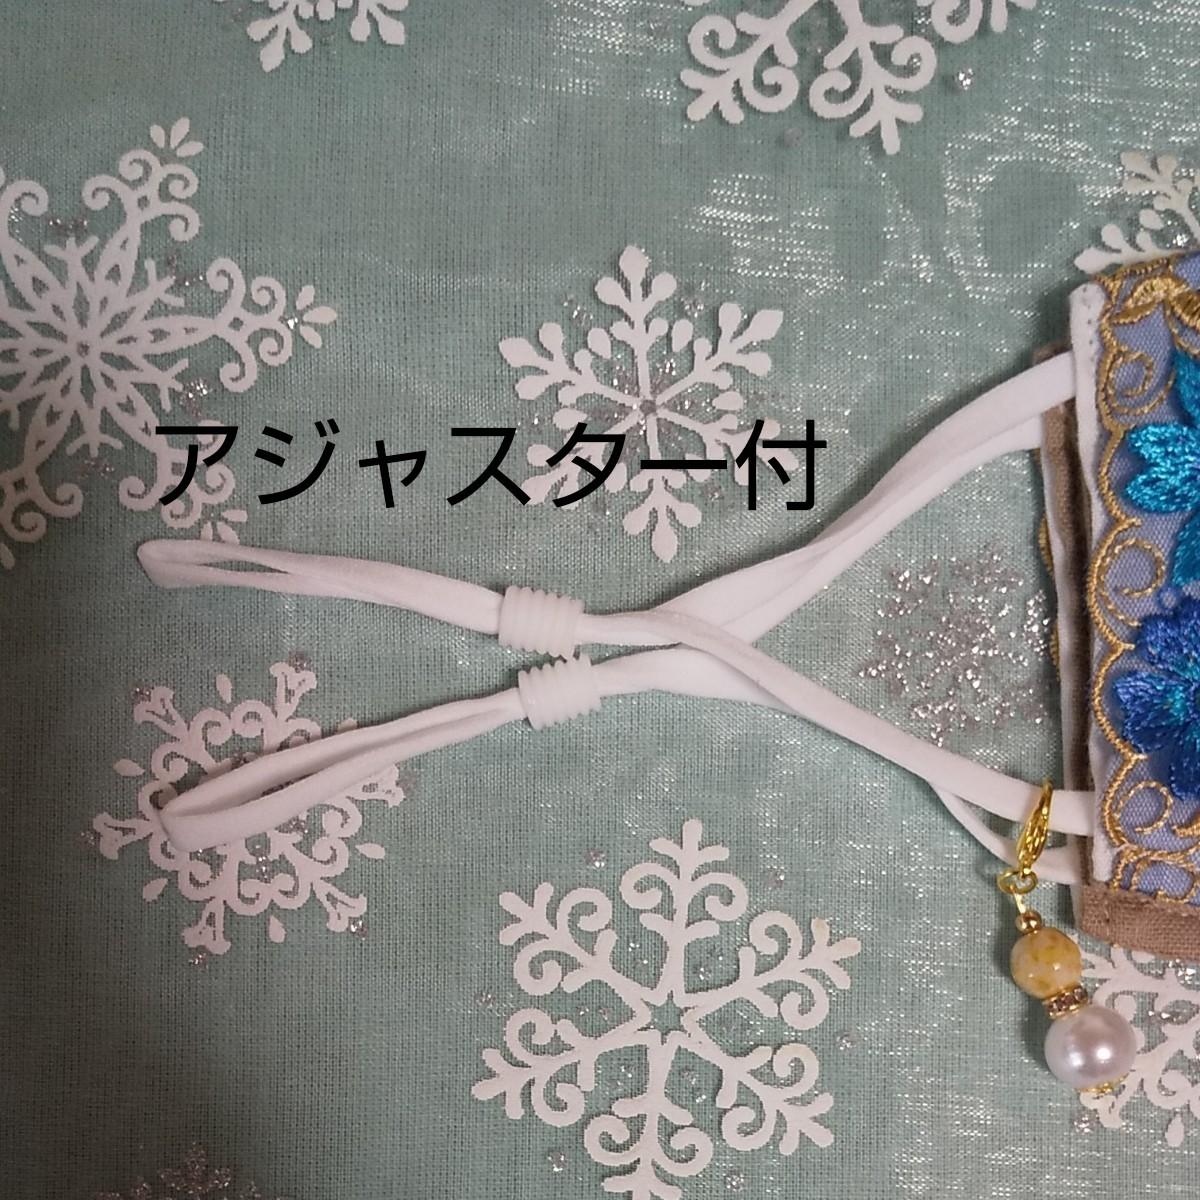 立体インナーハンドメイド、綿ガーゼ、チュール刺繍レース(ホワイト×ブルー刺繍レース)(大きめサイズ)アジャスター付、チャーム付